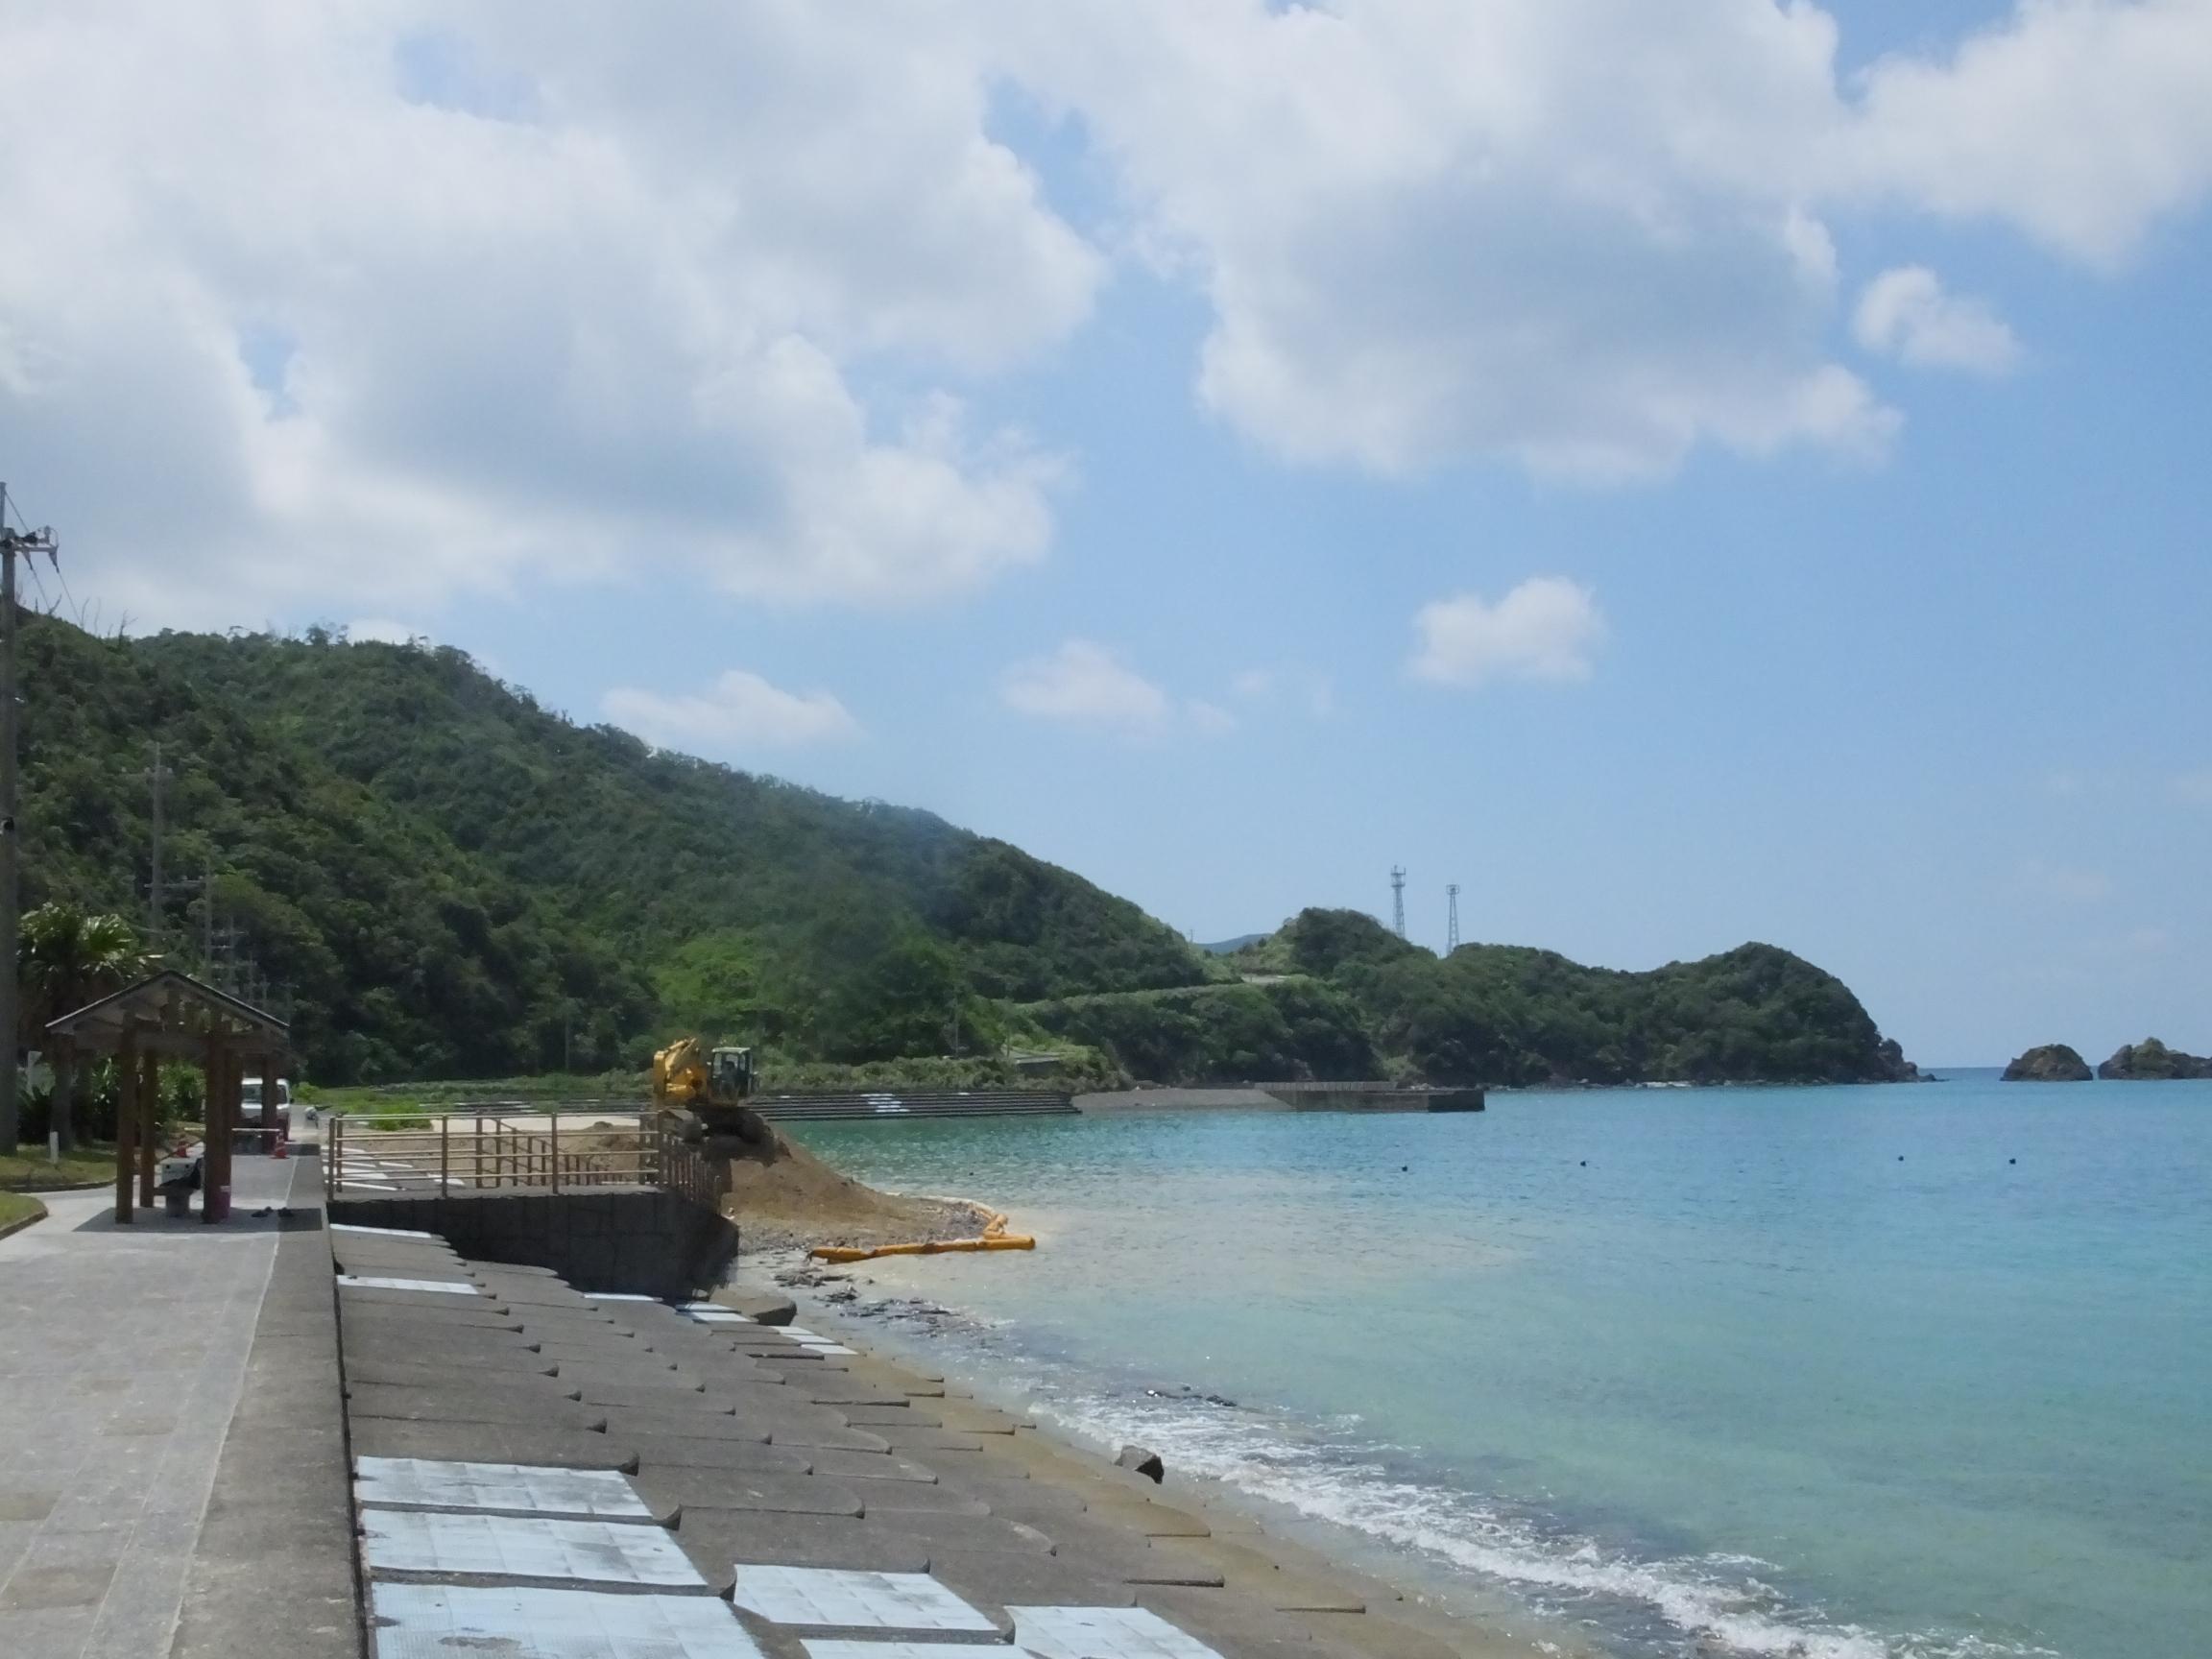 宇検村タエン浜の産業廃棄物投棄